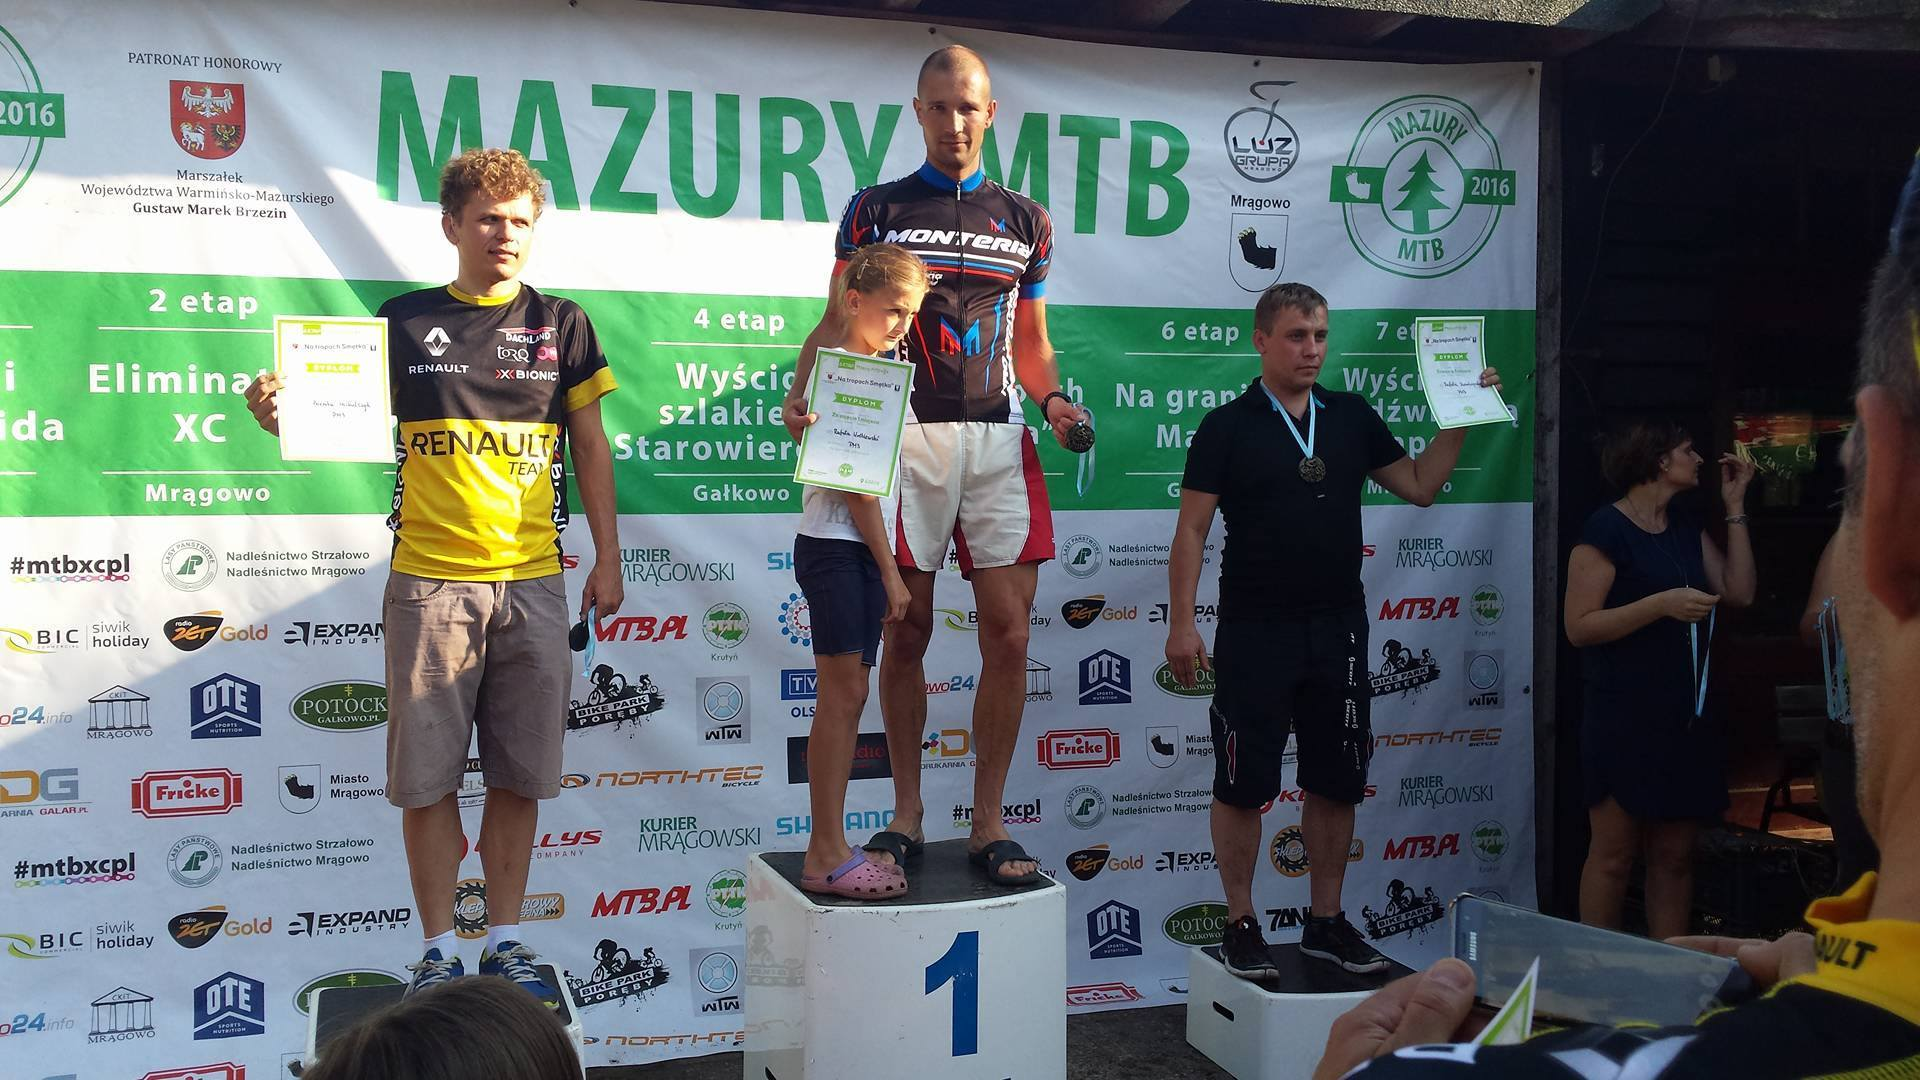 Rafał Wróblewski (Monteria Racing Team) – Mazury MTB, Krutyń